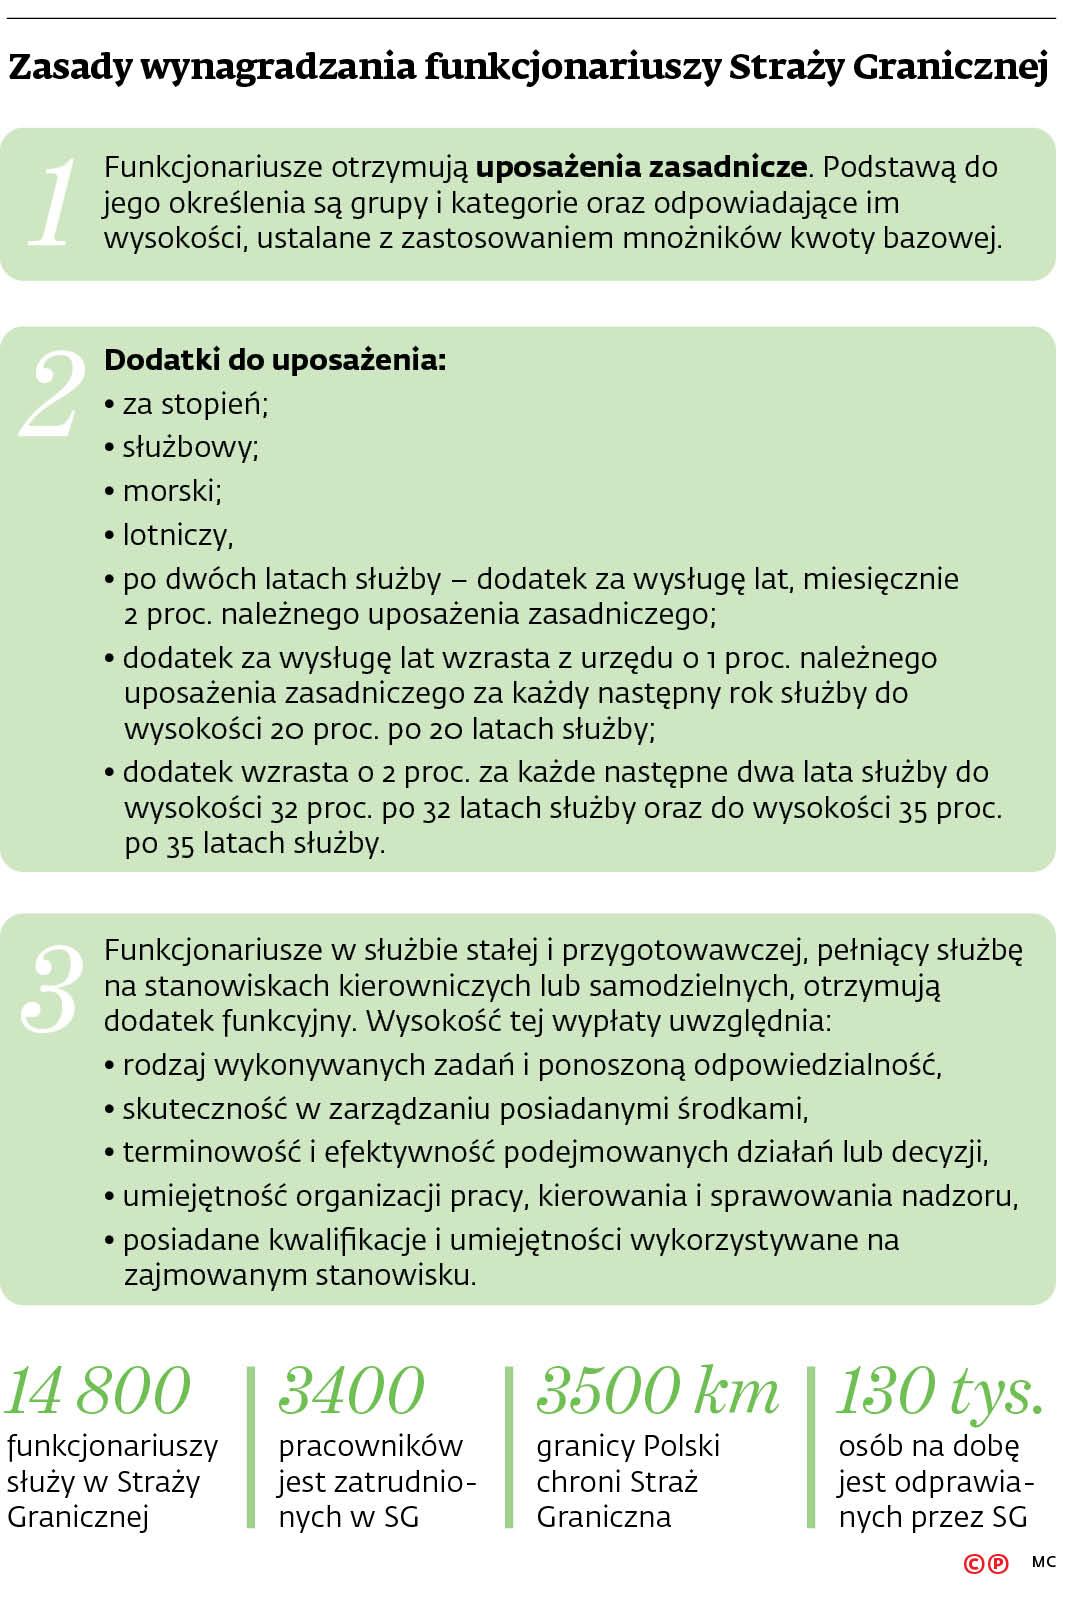 Zasady wynagradzania funkcjonariuszy Straży Granicznej